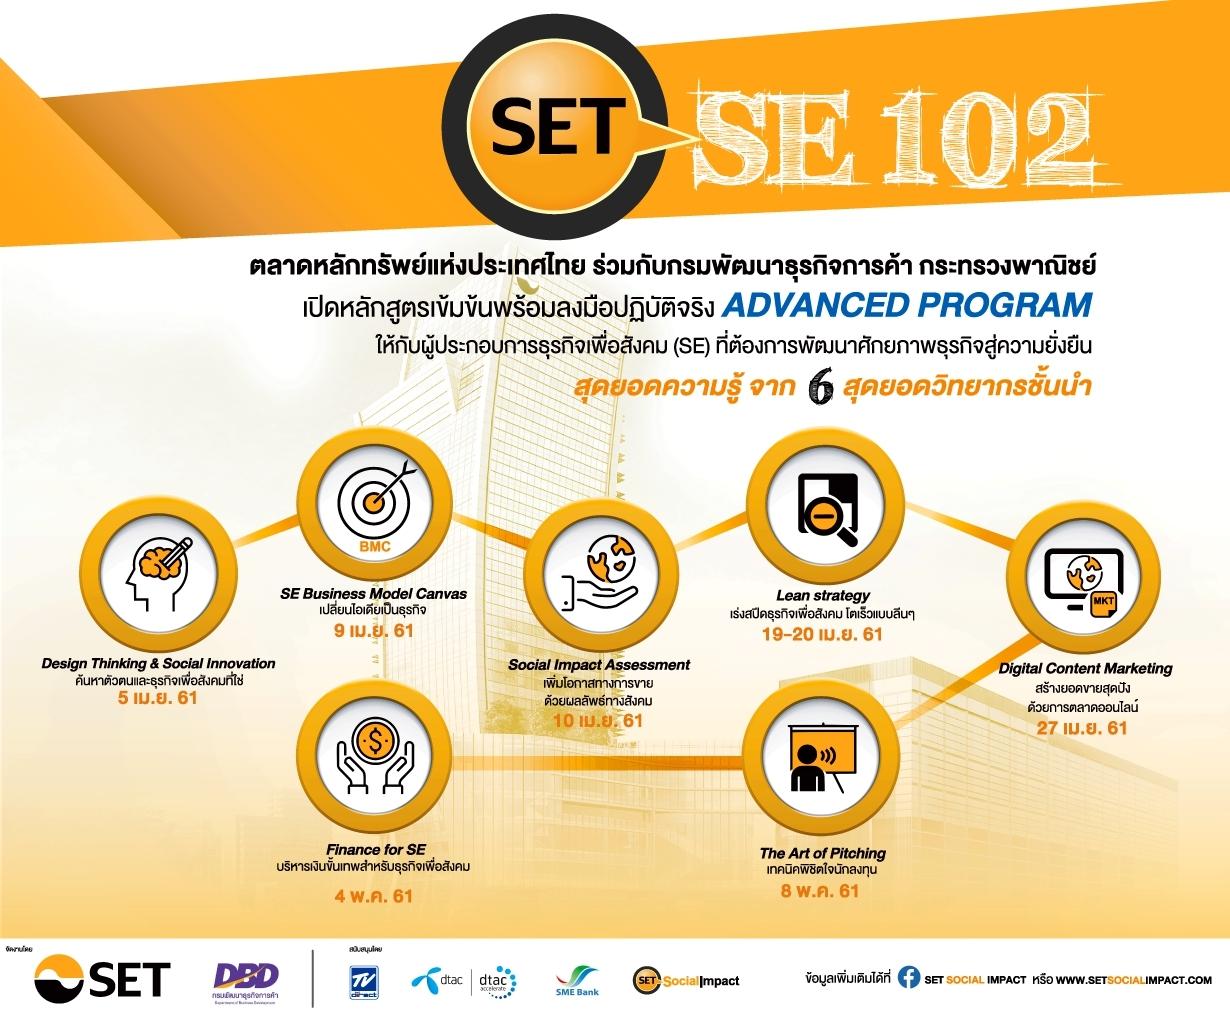 เชิญชวนผู้ประกอบการ SE สมัครเข้าอบรม SET SE 102